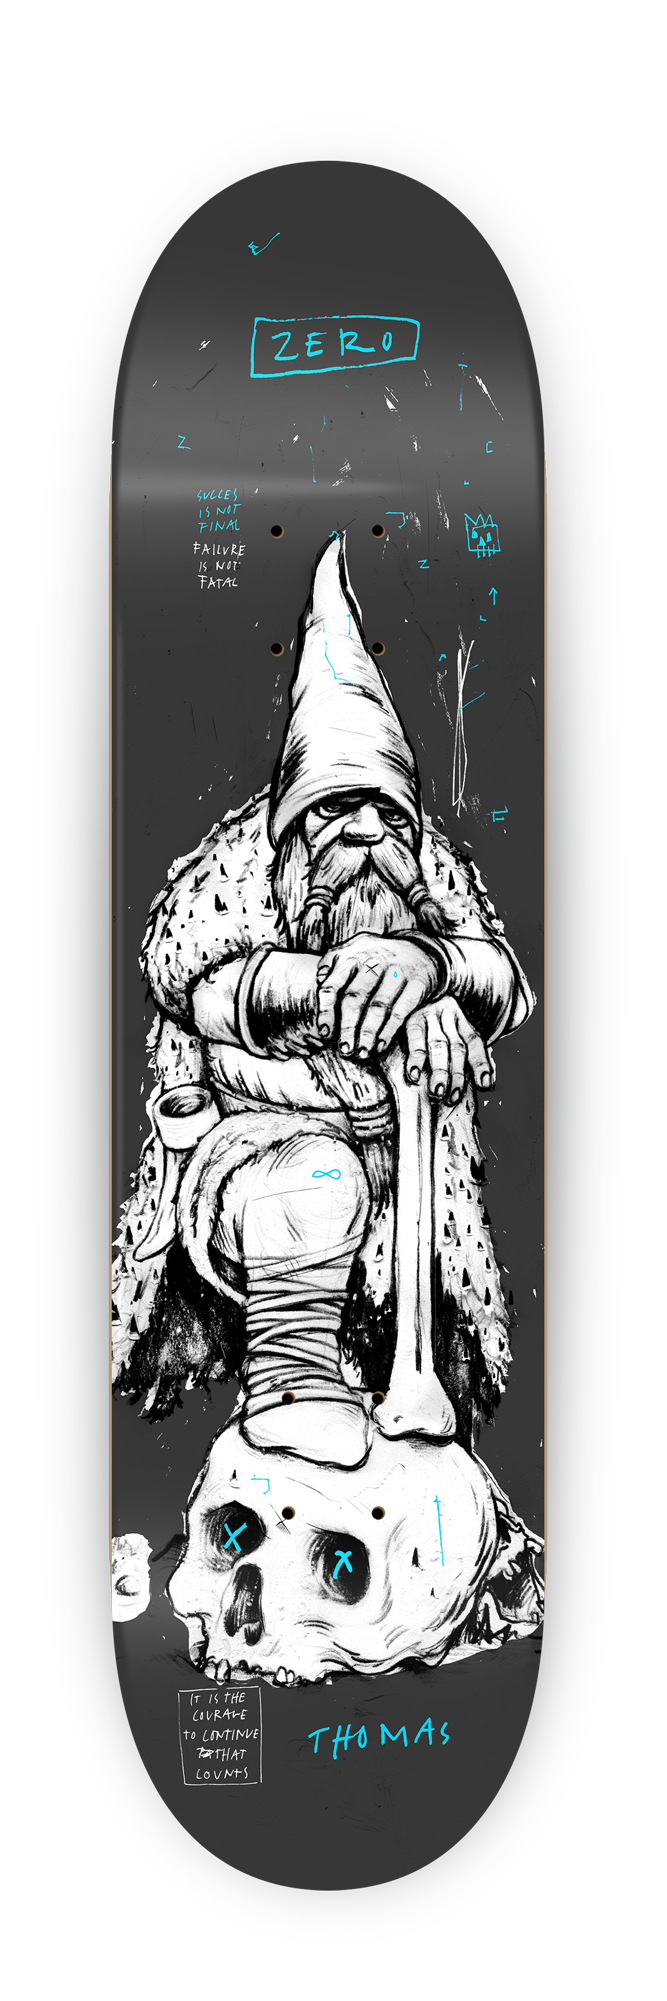 ATTAK-ZERO_GnarlyGnomes-Thomas